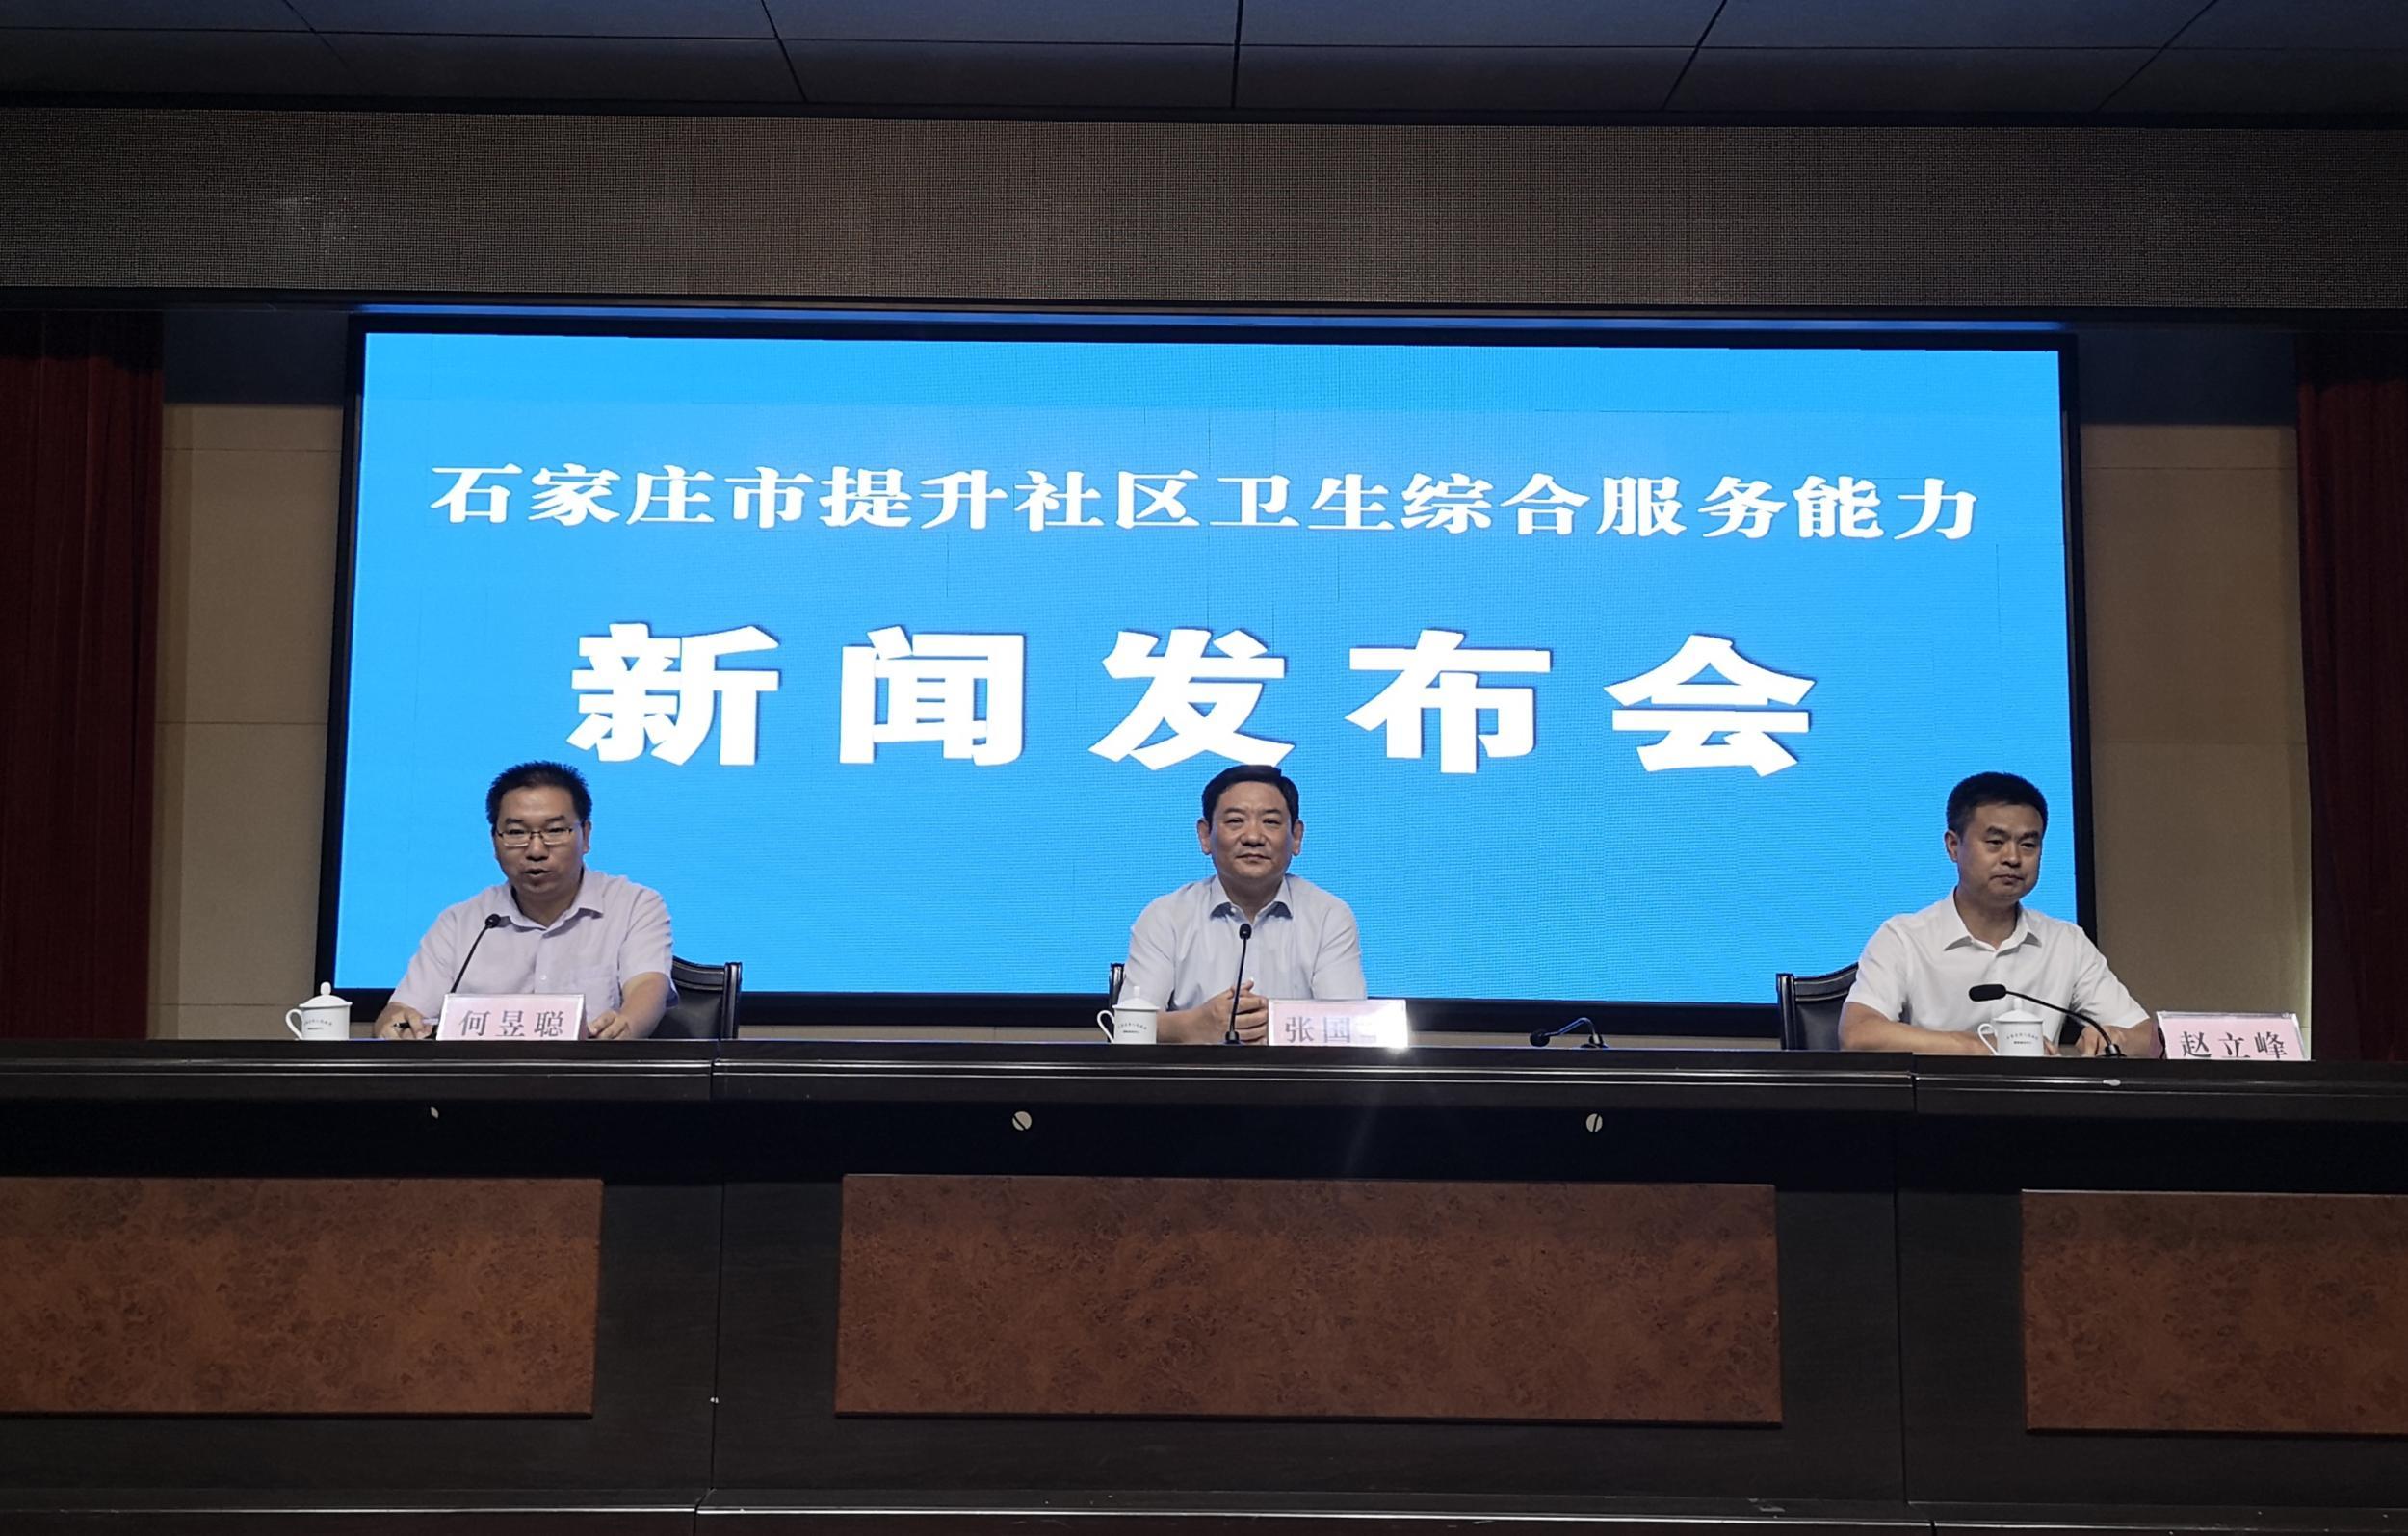 石家庄市提升社区卫生综合服务能力新闻发布会